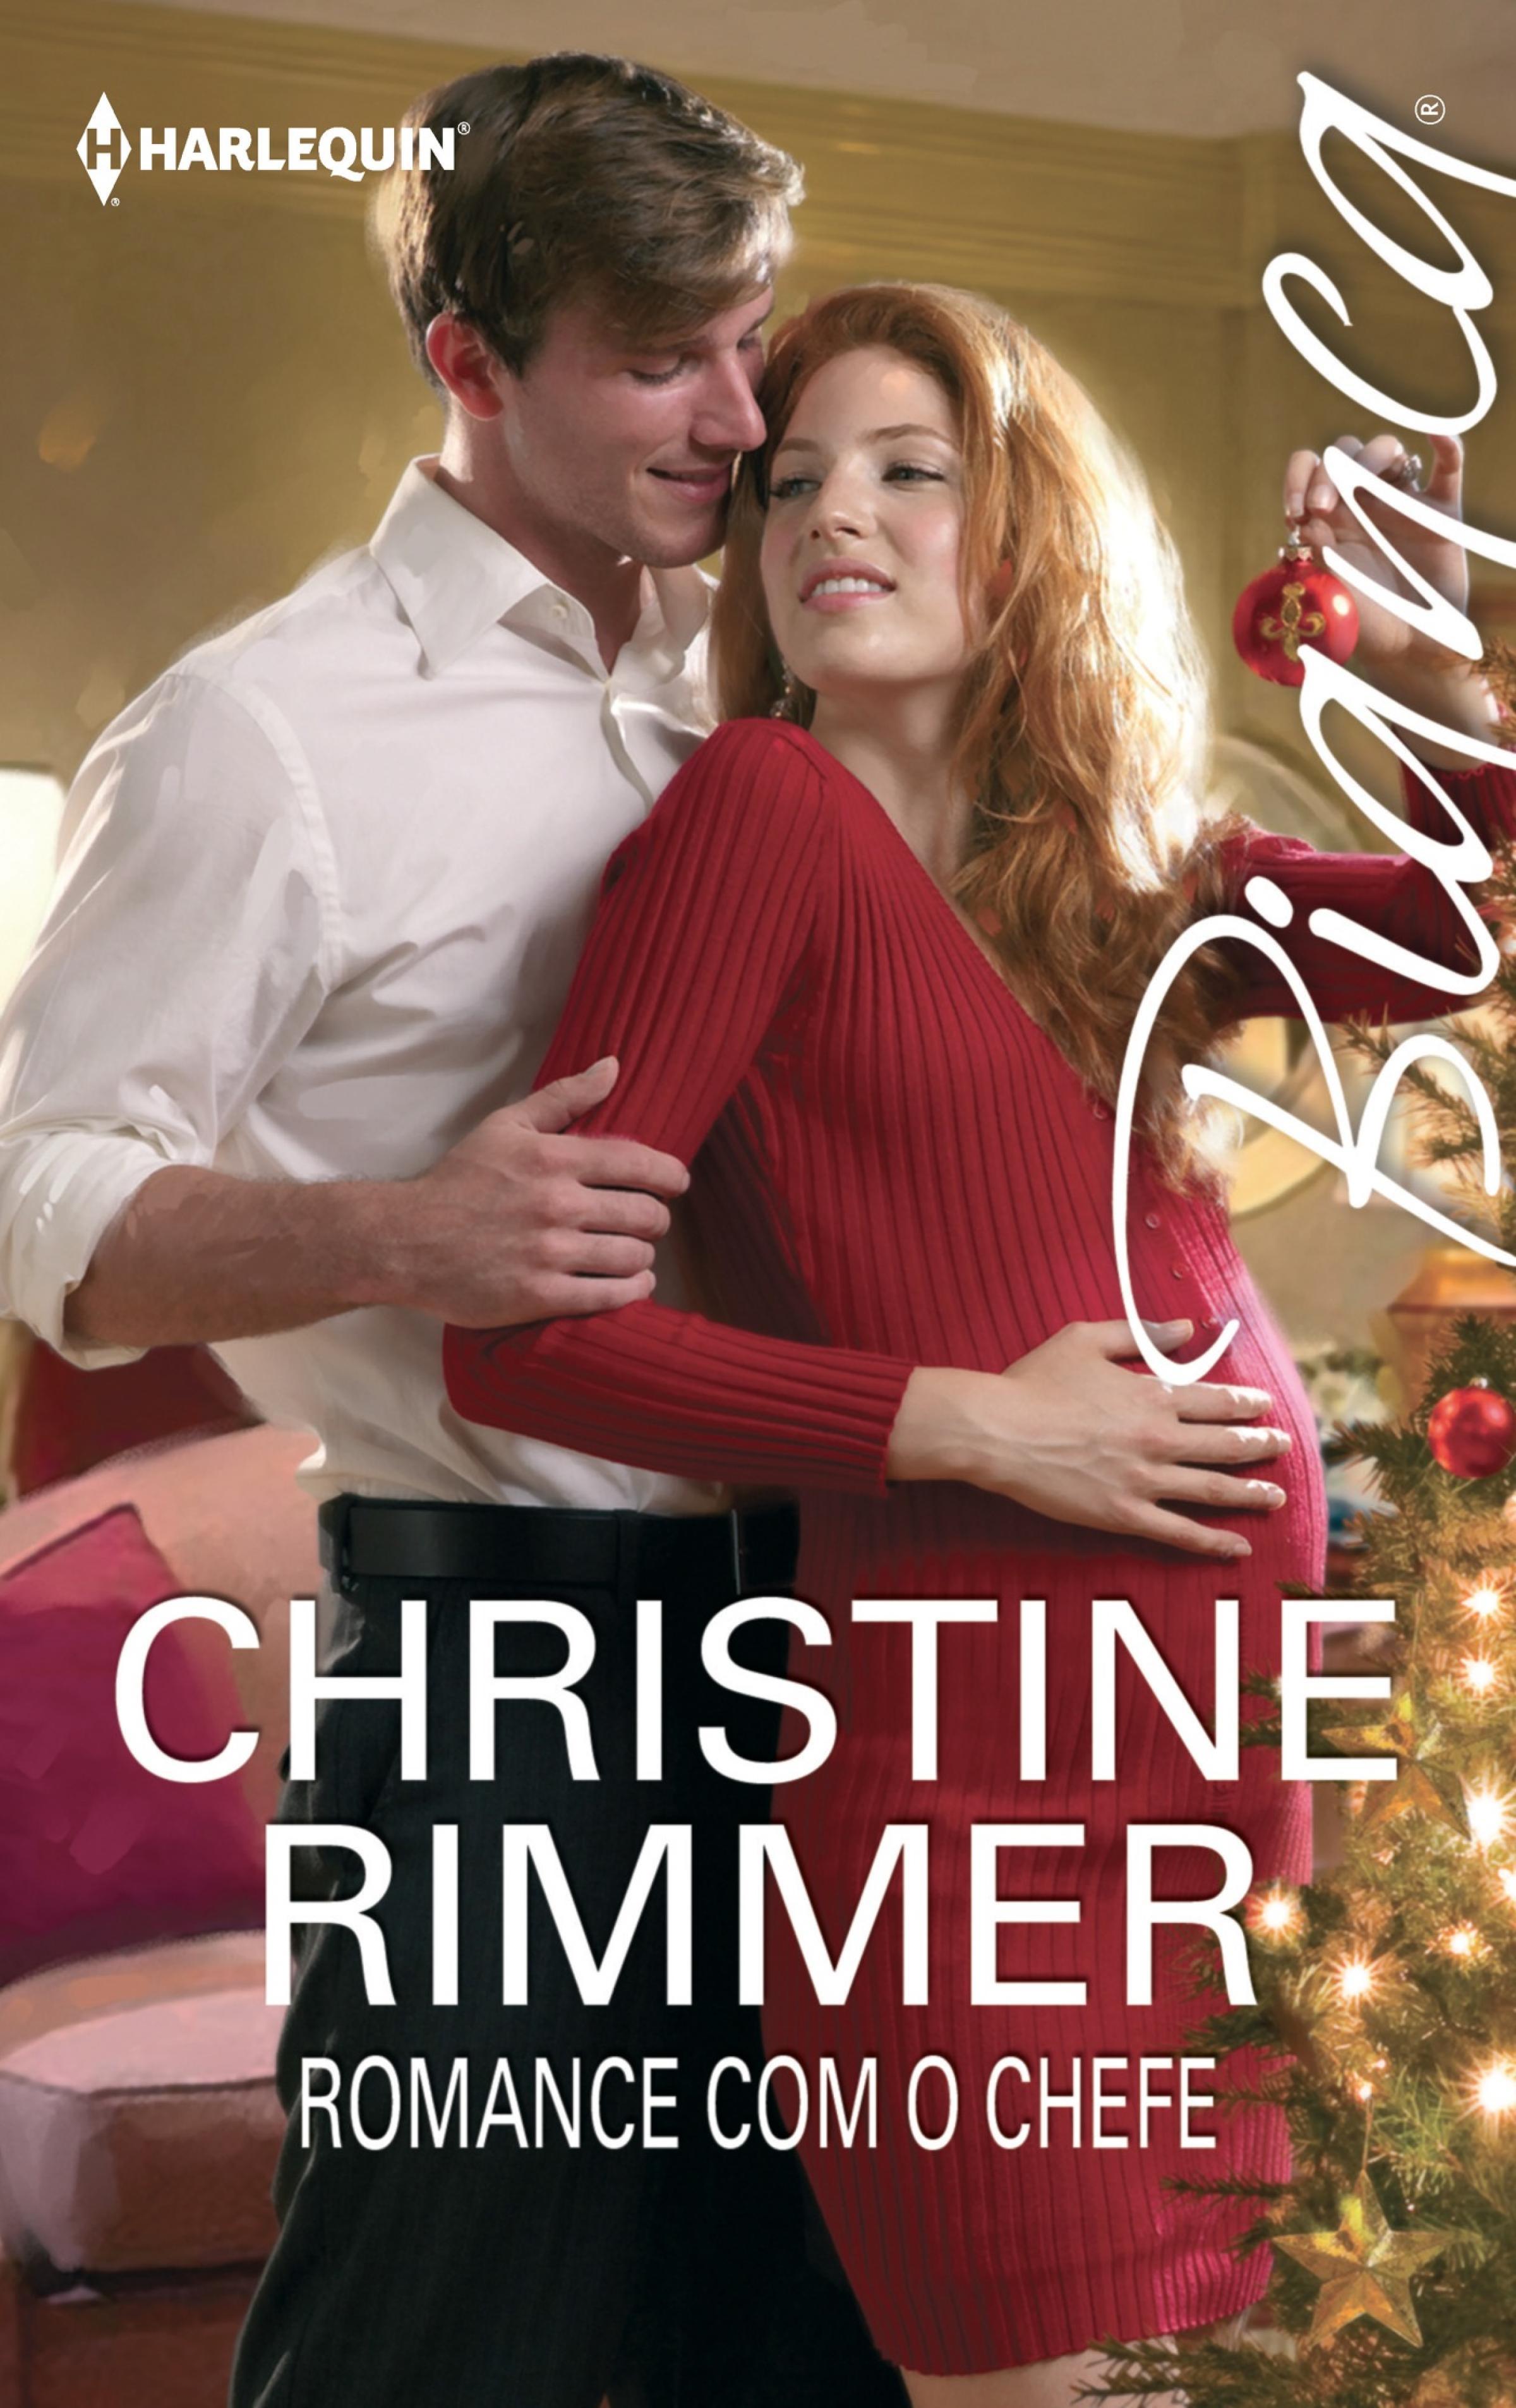 Christine Rimmer Romance com o chefe недорого